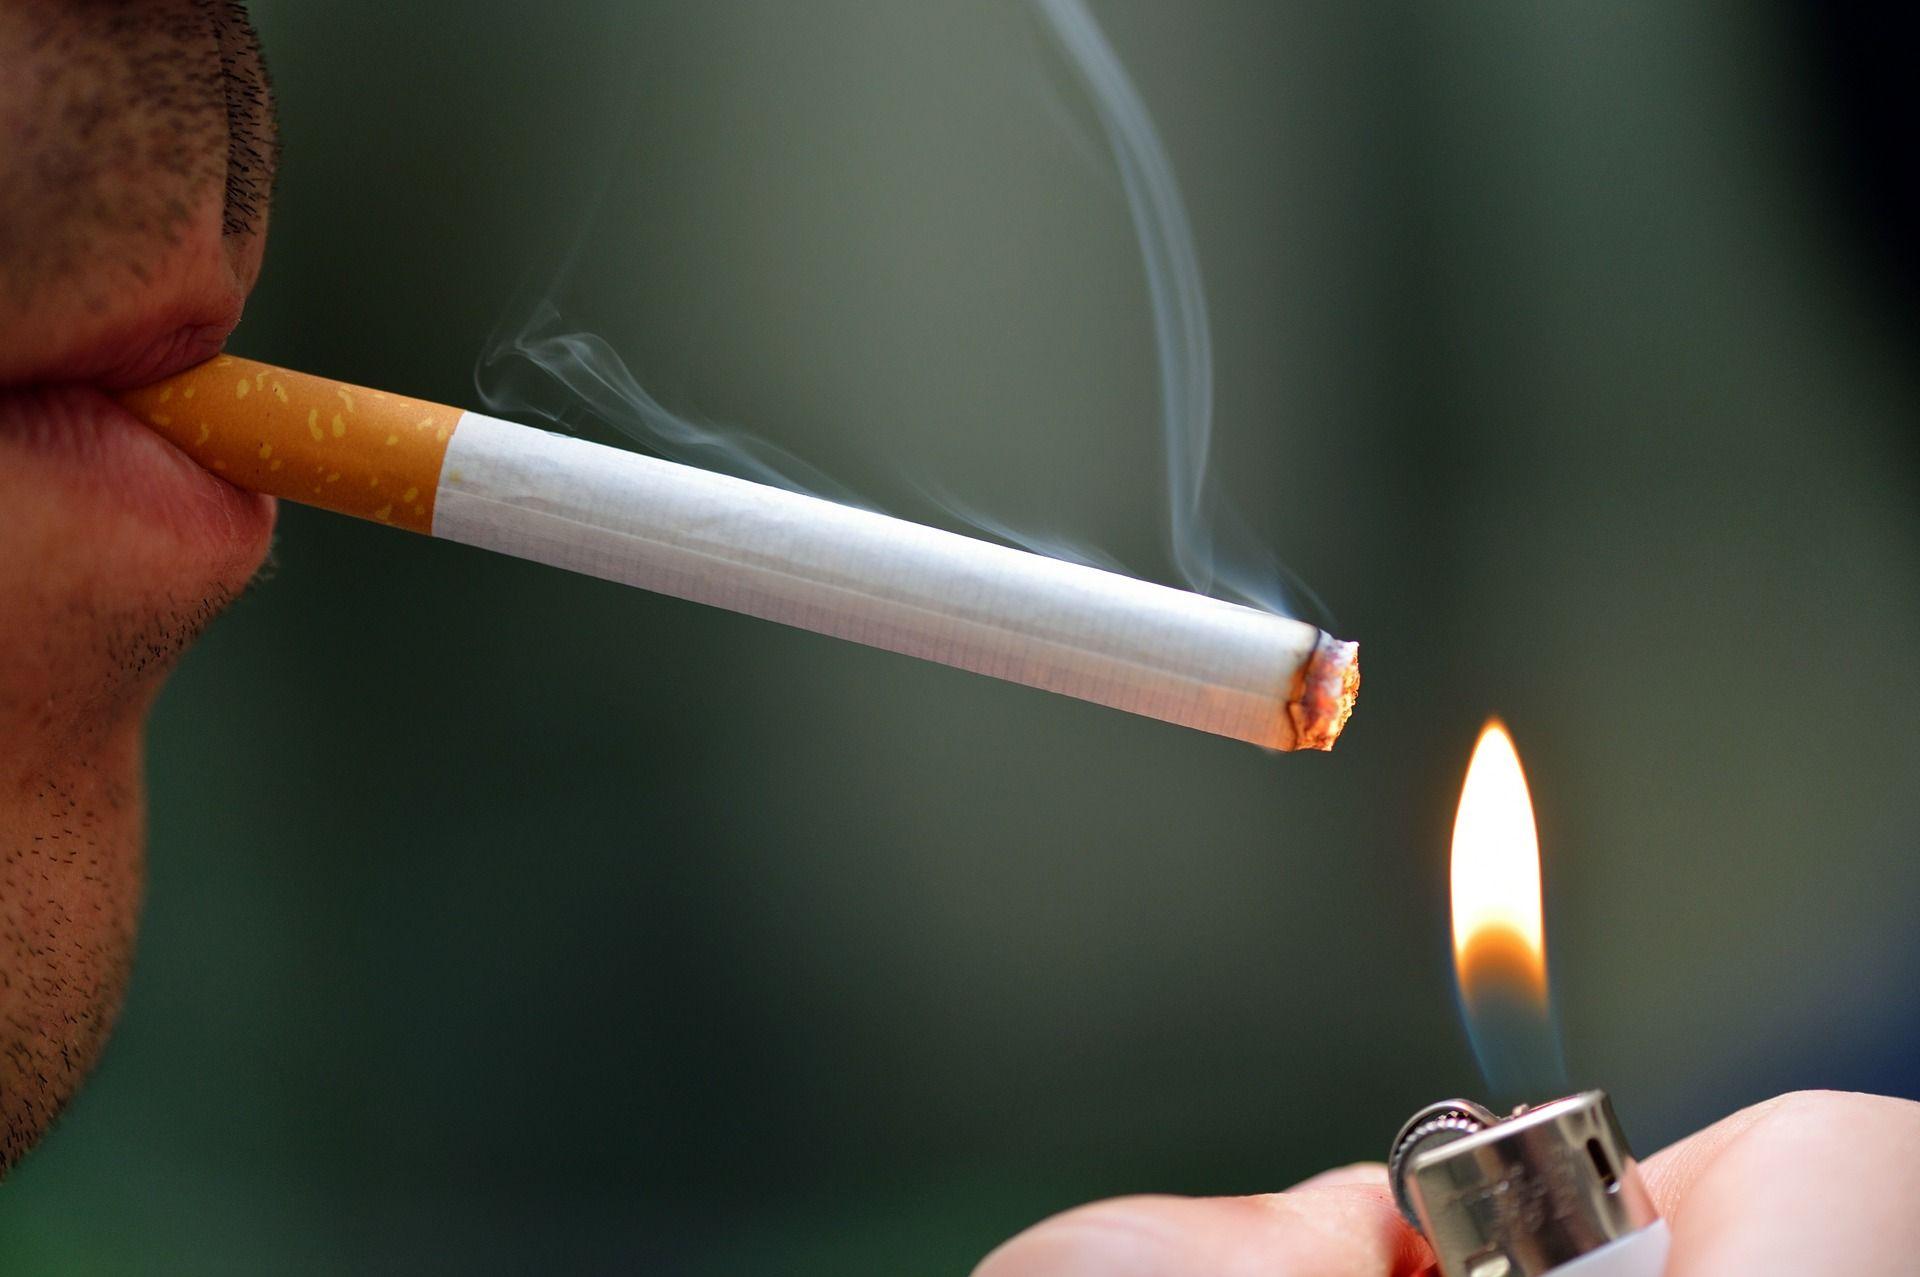 legge sul fumo nuove regole